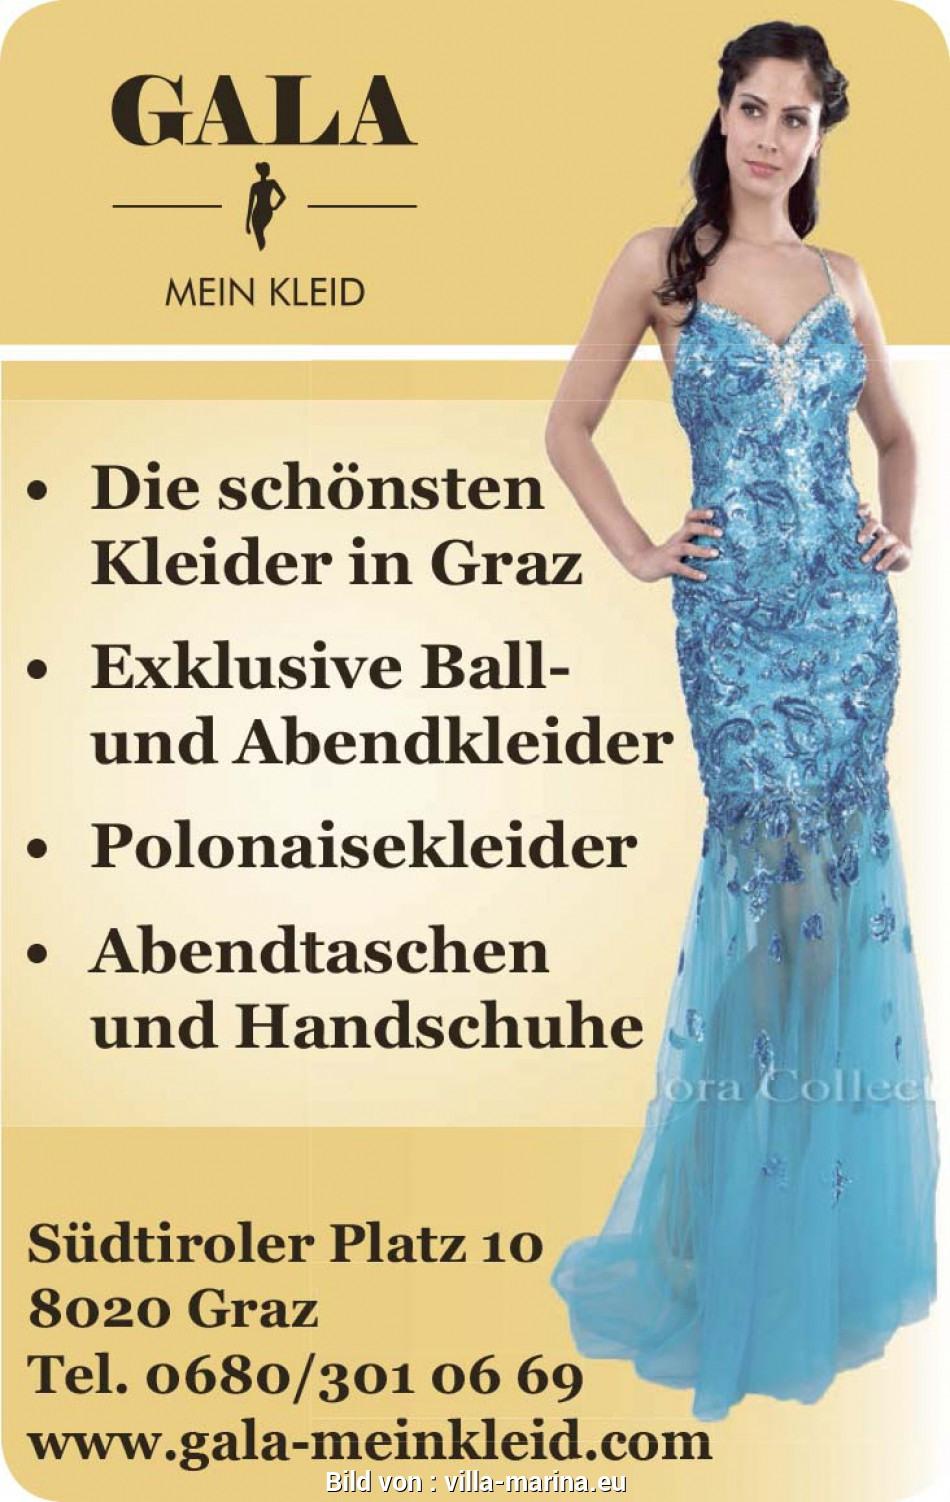 15 Fantastisch Abend Kleider Graz Spezialgebiet Luxus Abend Kleider Graz Boutique